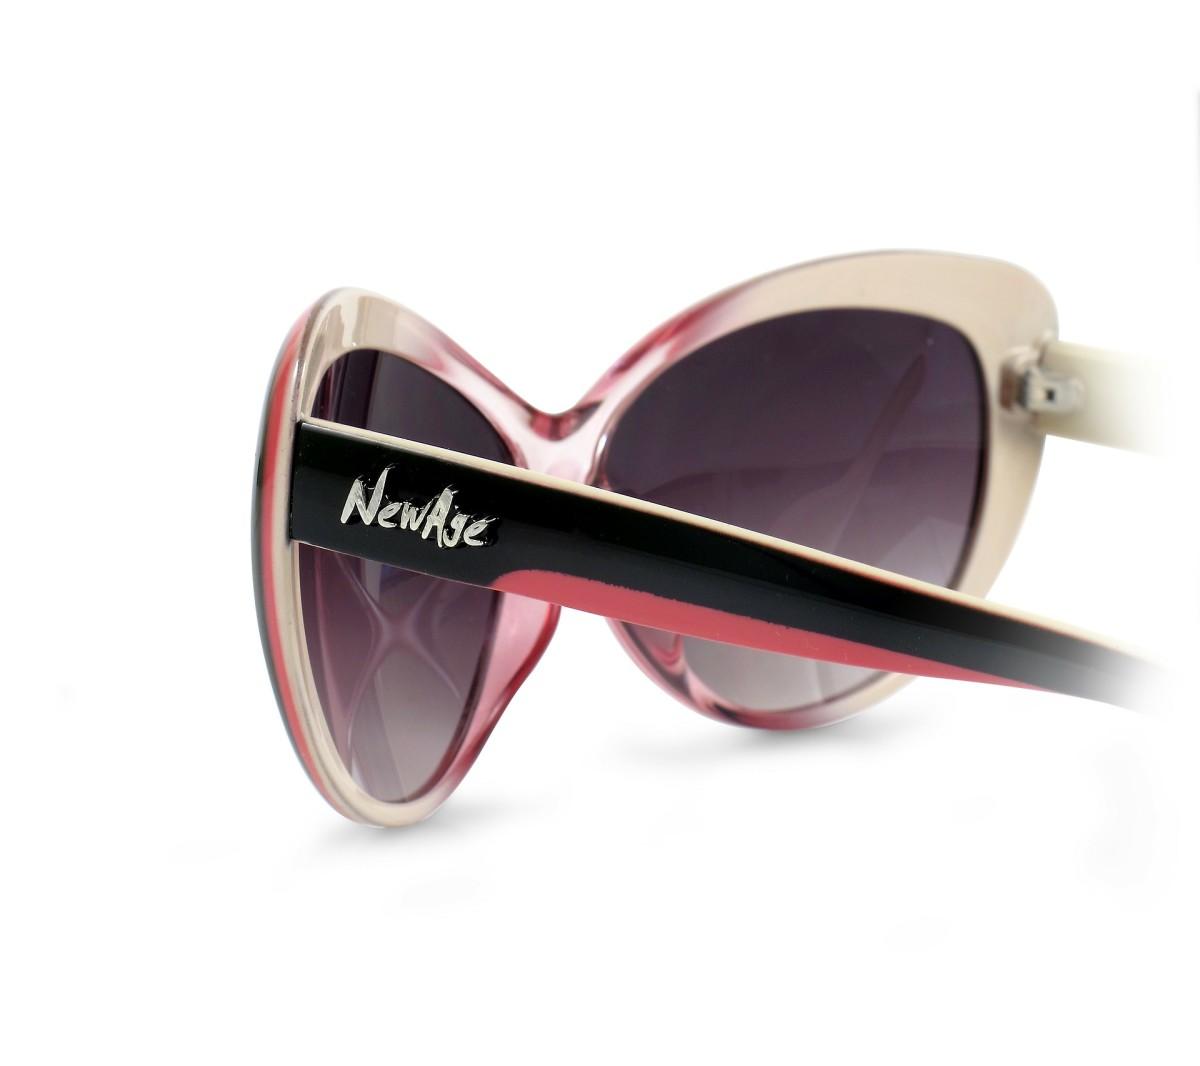 Køb sommerens fedeste solbriller med et hurtigt lån i dag